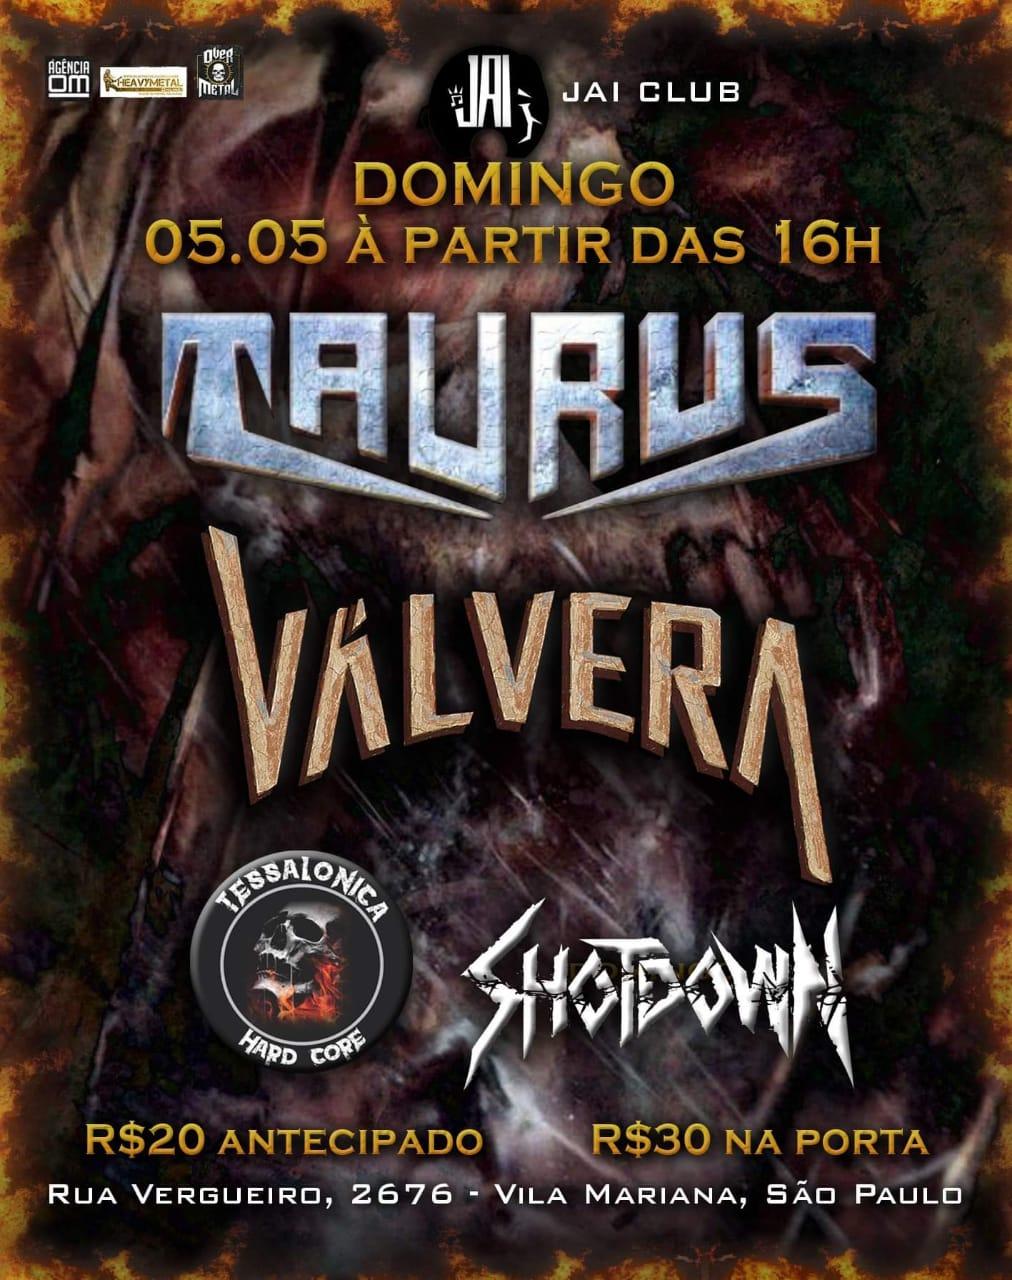 Taurus: Headliner do Metal Day em São Paulo no próximo Domingo dia 05/05